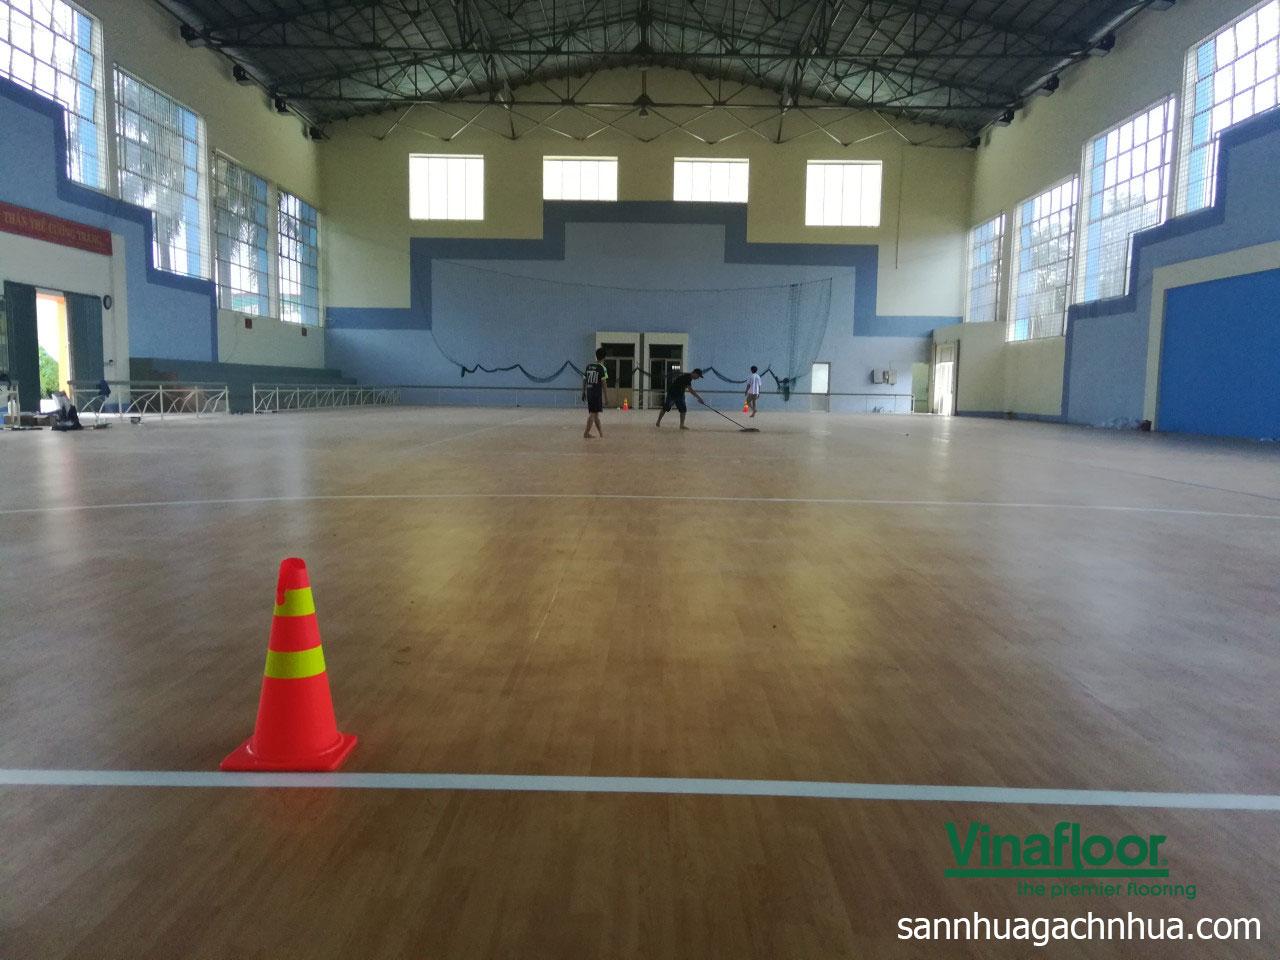 sàn thể thao tỉnh Bình Phước